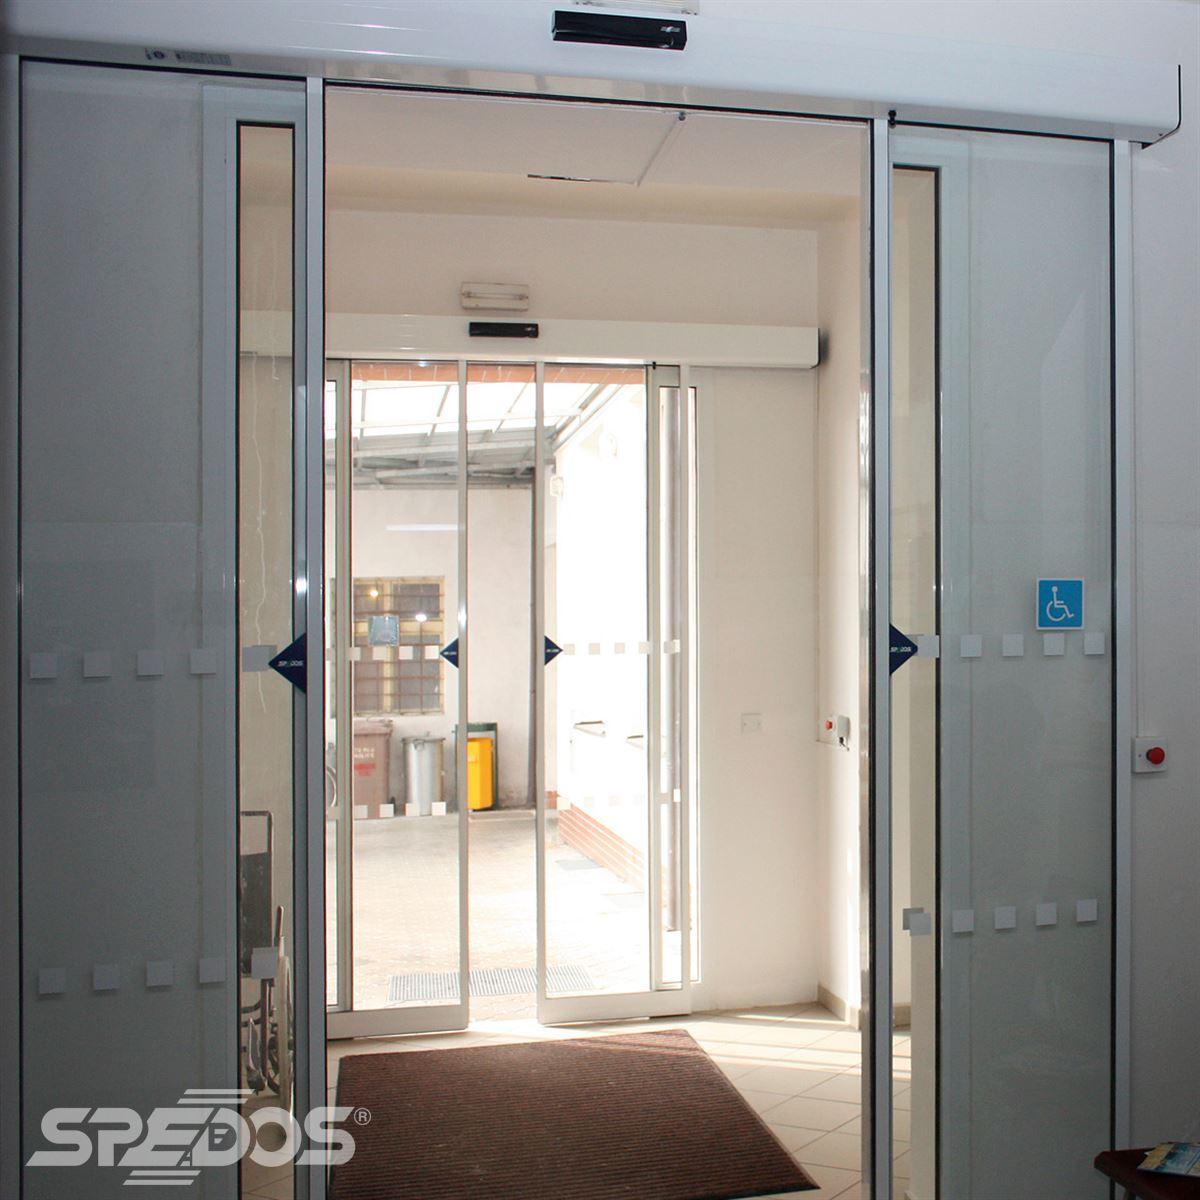 Dvoukřídlé automatické dveře posuvné s externím ovládáním